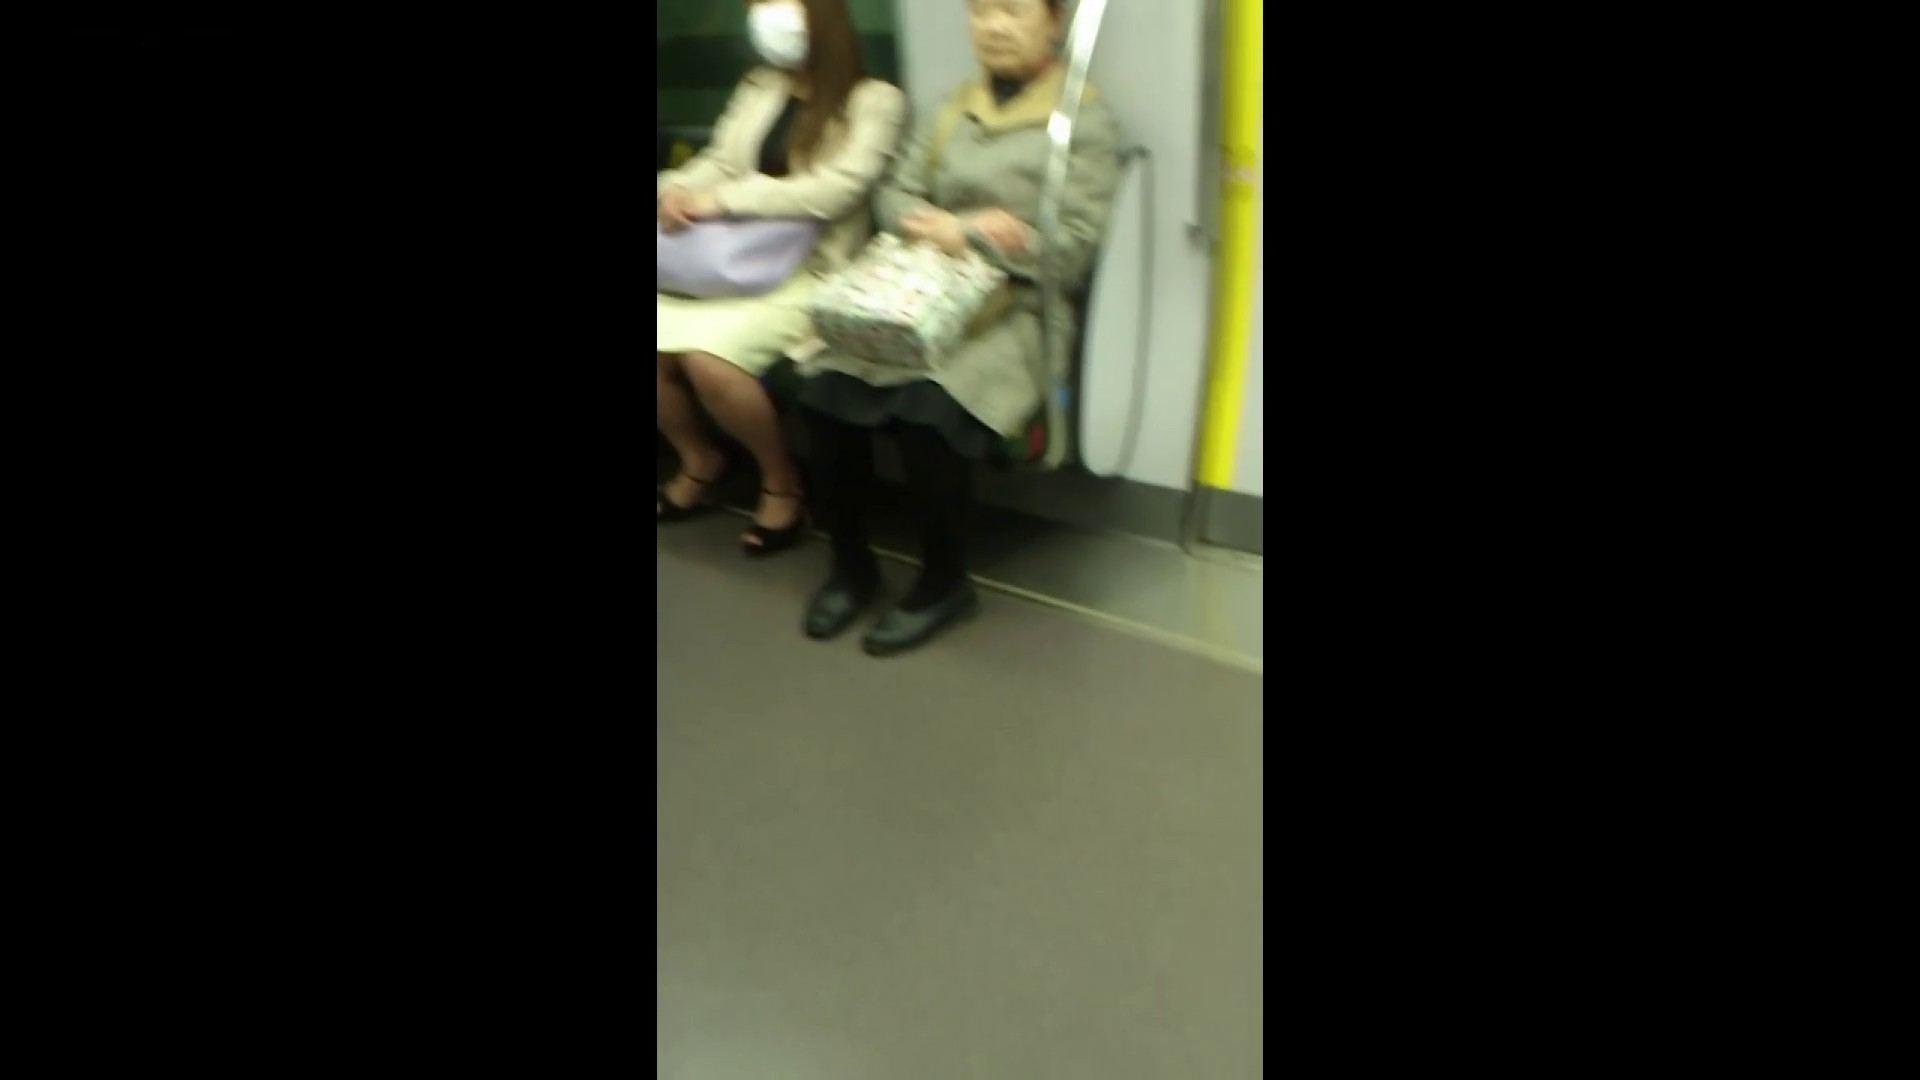 盗撮列車 Vol.55 黄色の爽やかなスカートが大好きです。 盗撮エロすぎ | OL  38連発 38